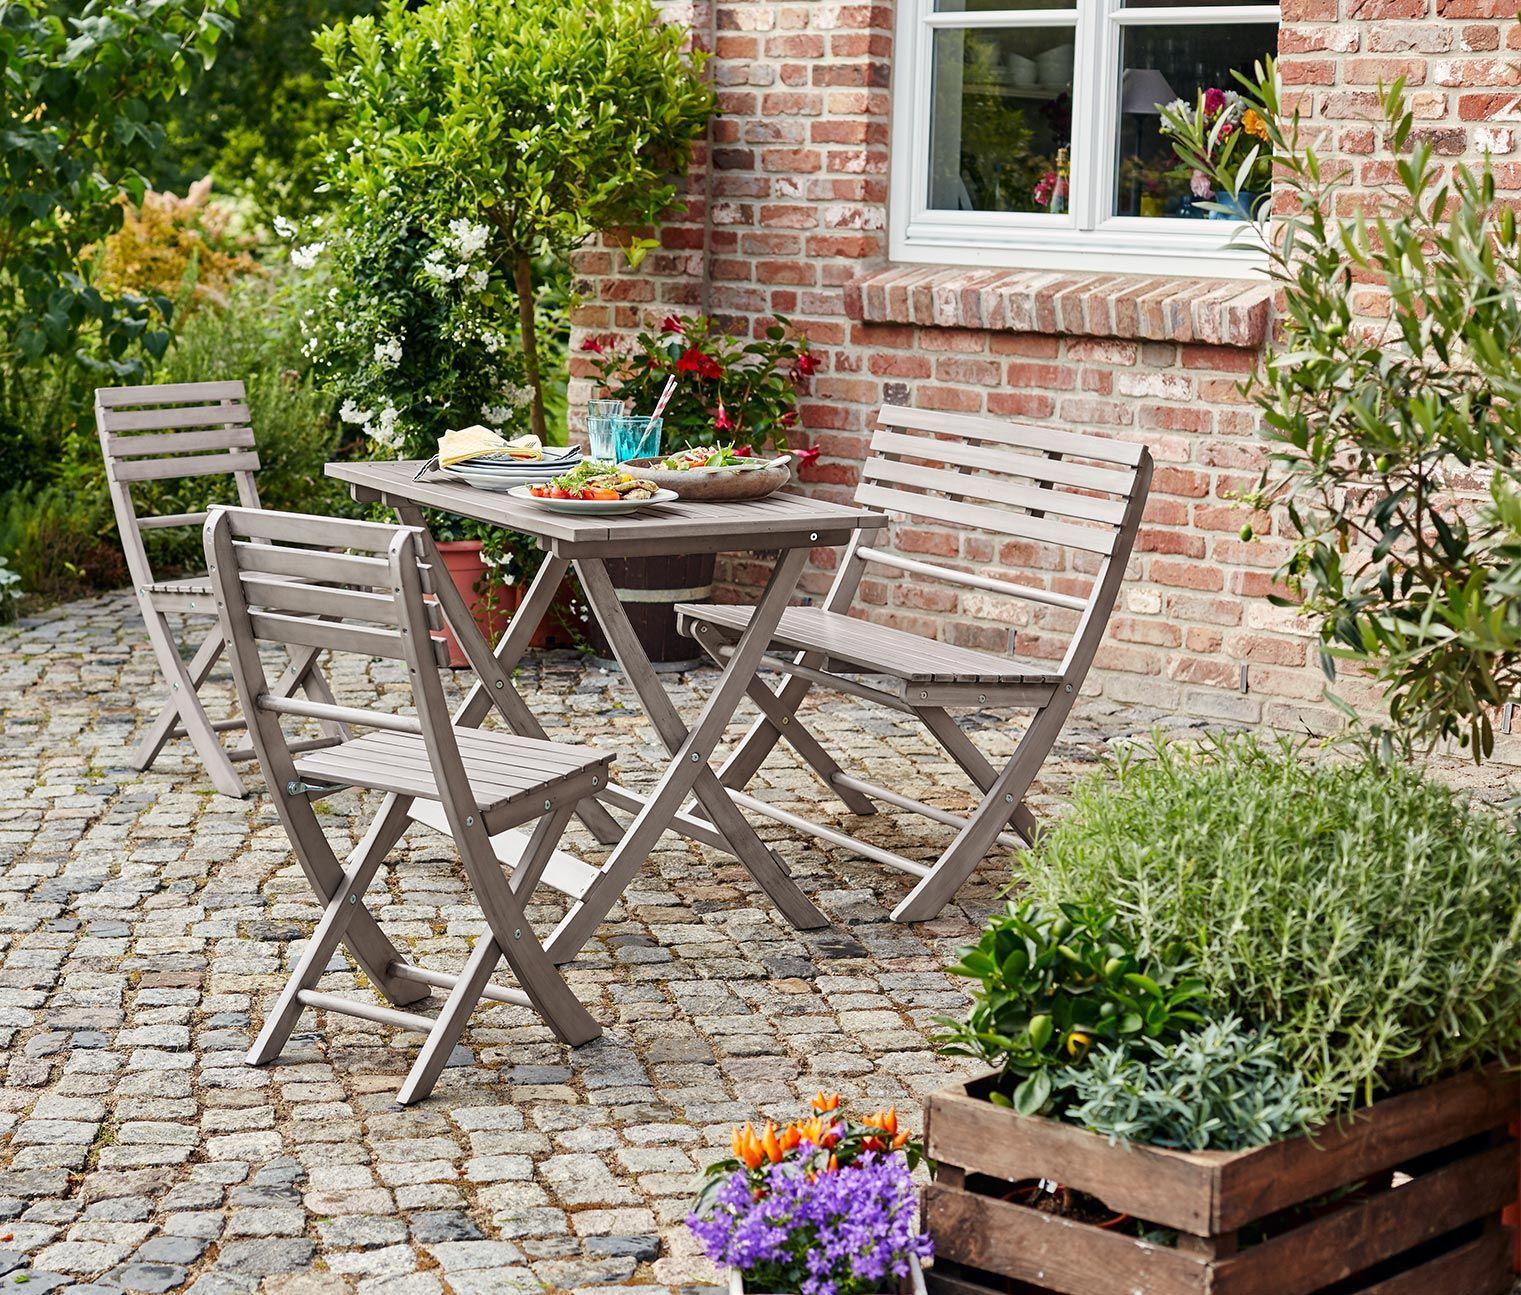 4 teiliges Gartenmöbel Set für 169€   Mit ihrem rustikalen Charme